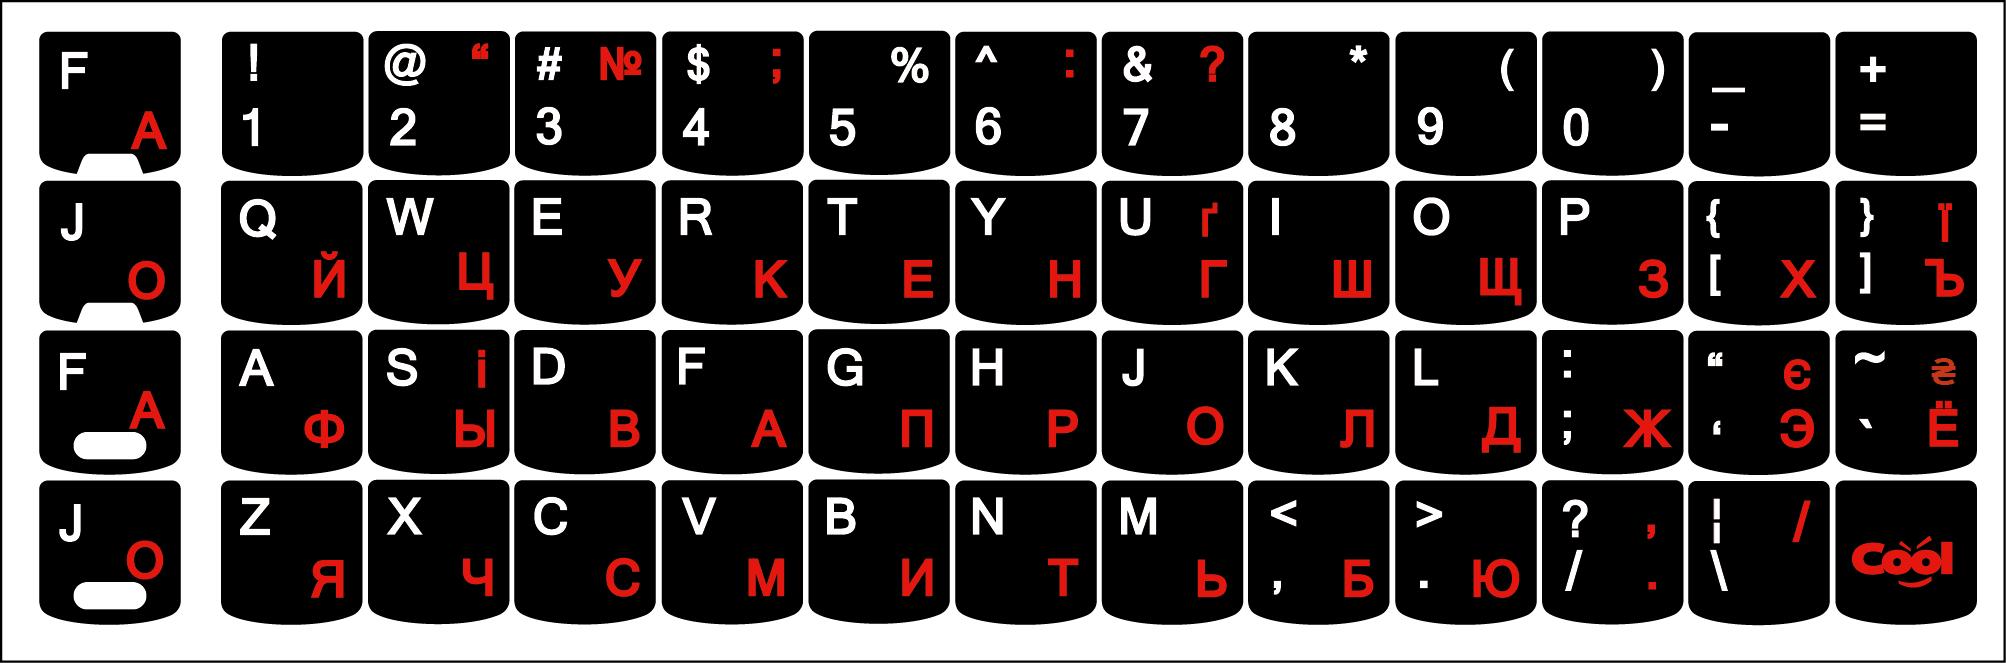 Как сделать англ на клавиатуре